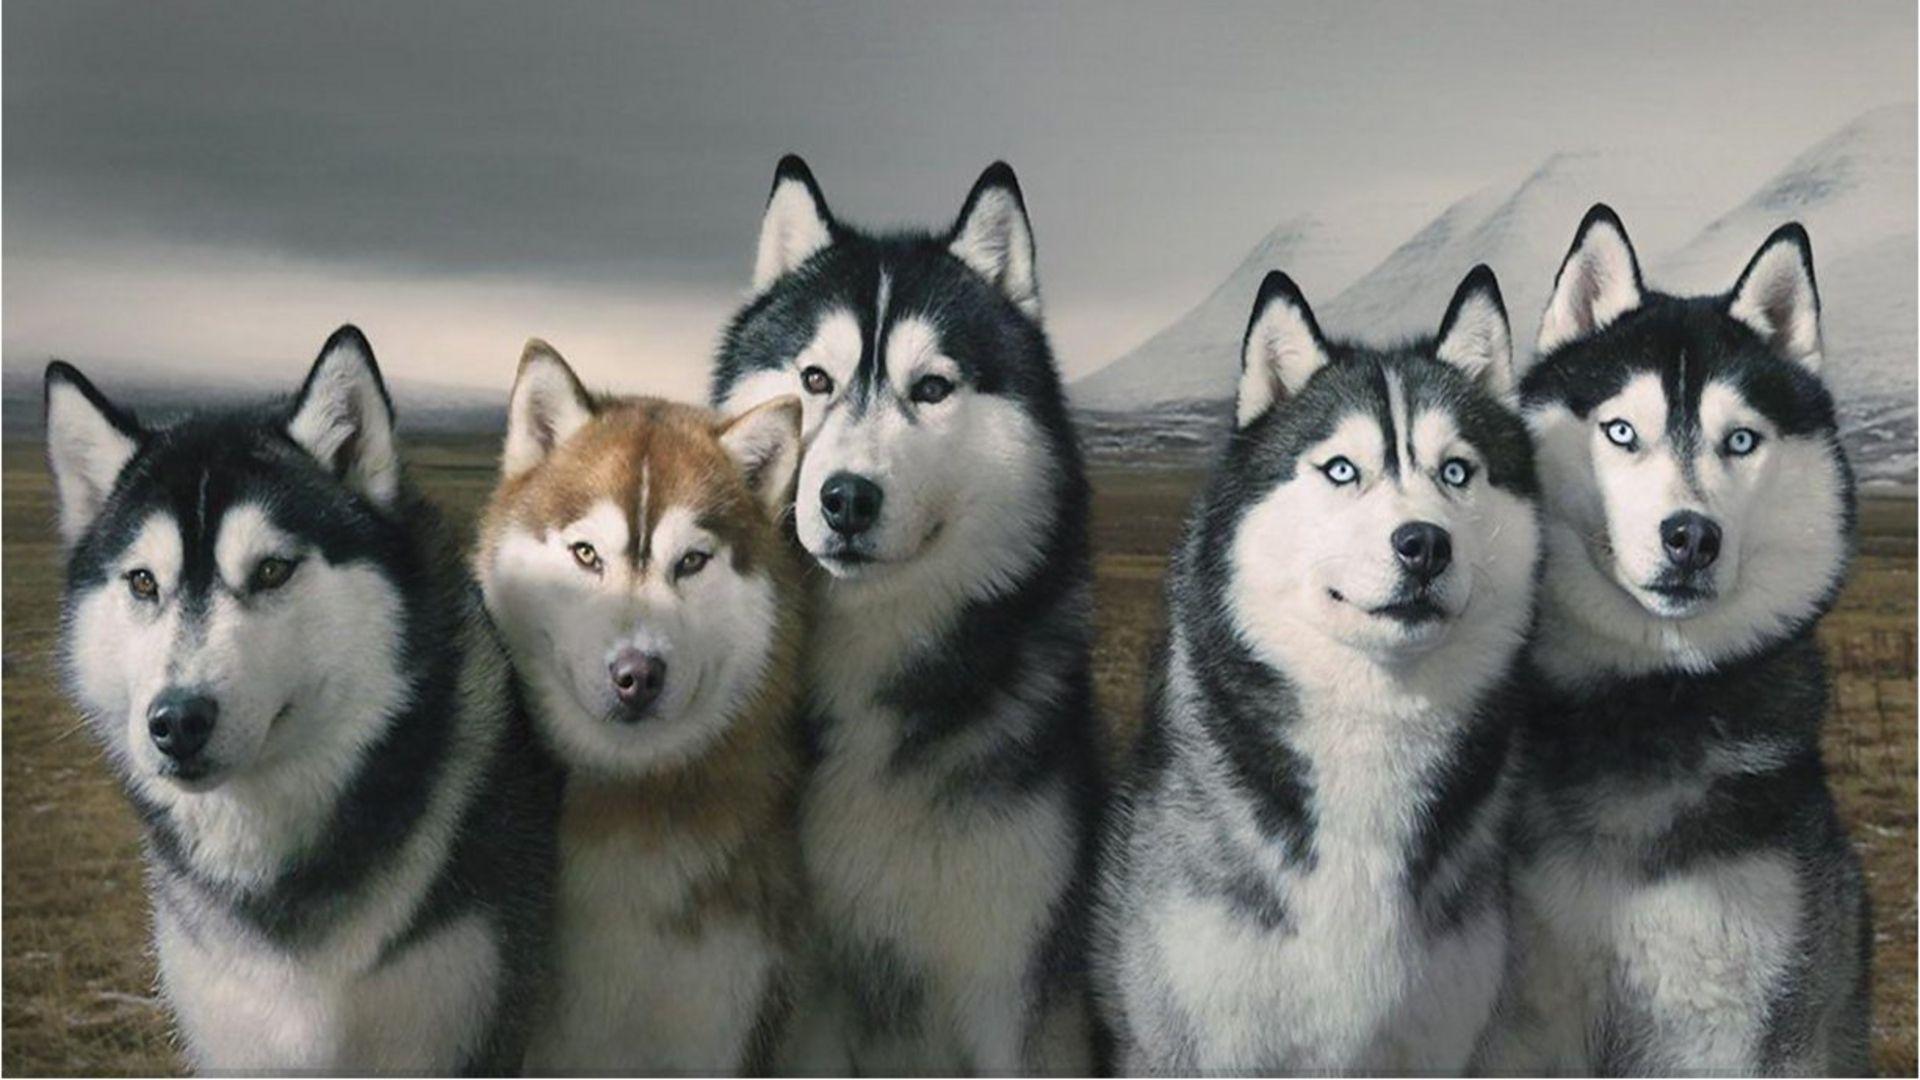 Husky Desktop Wallpapers - Top Free